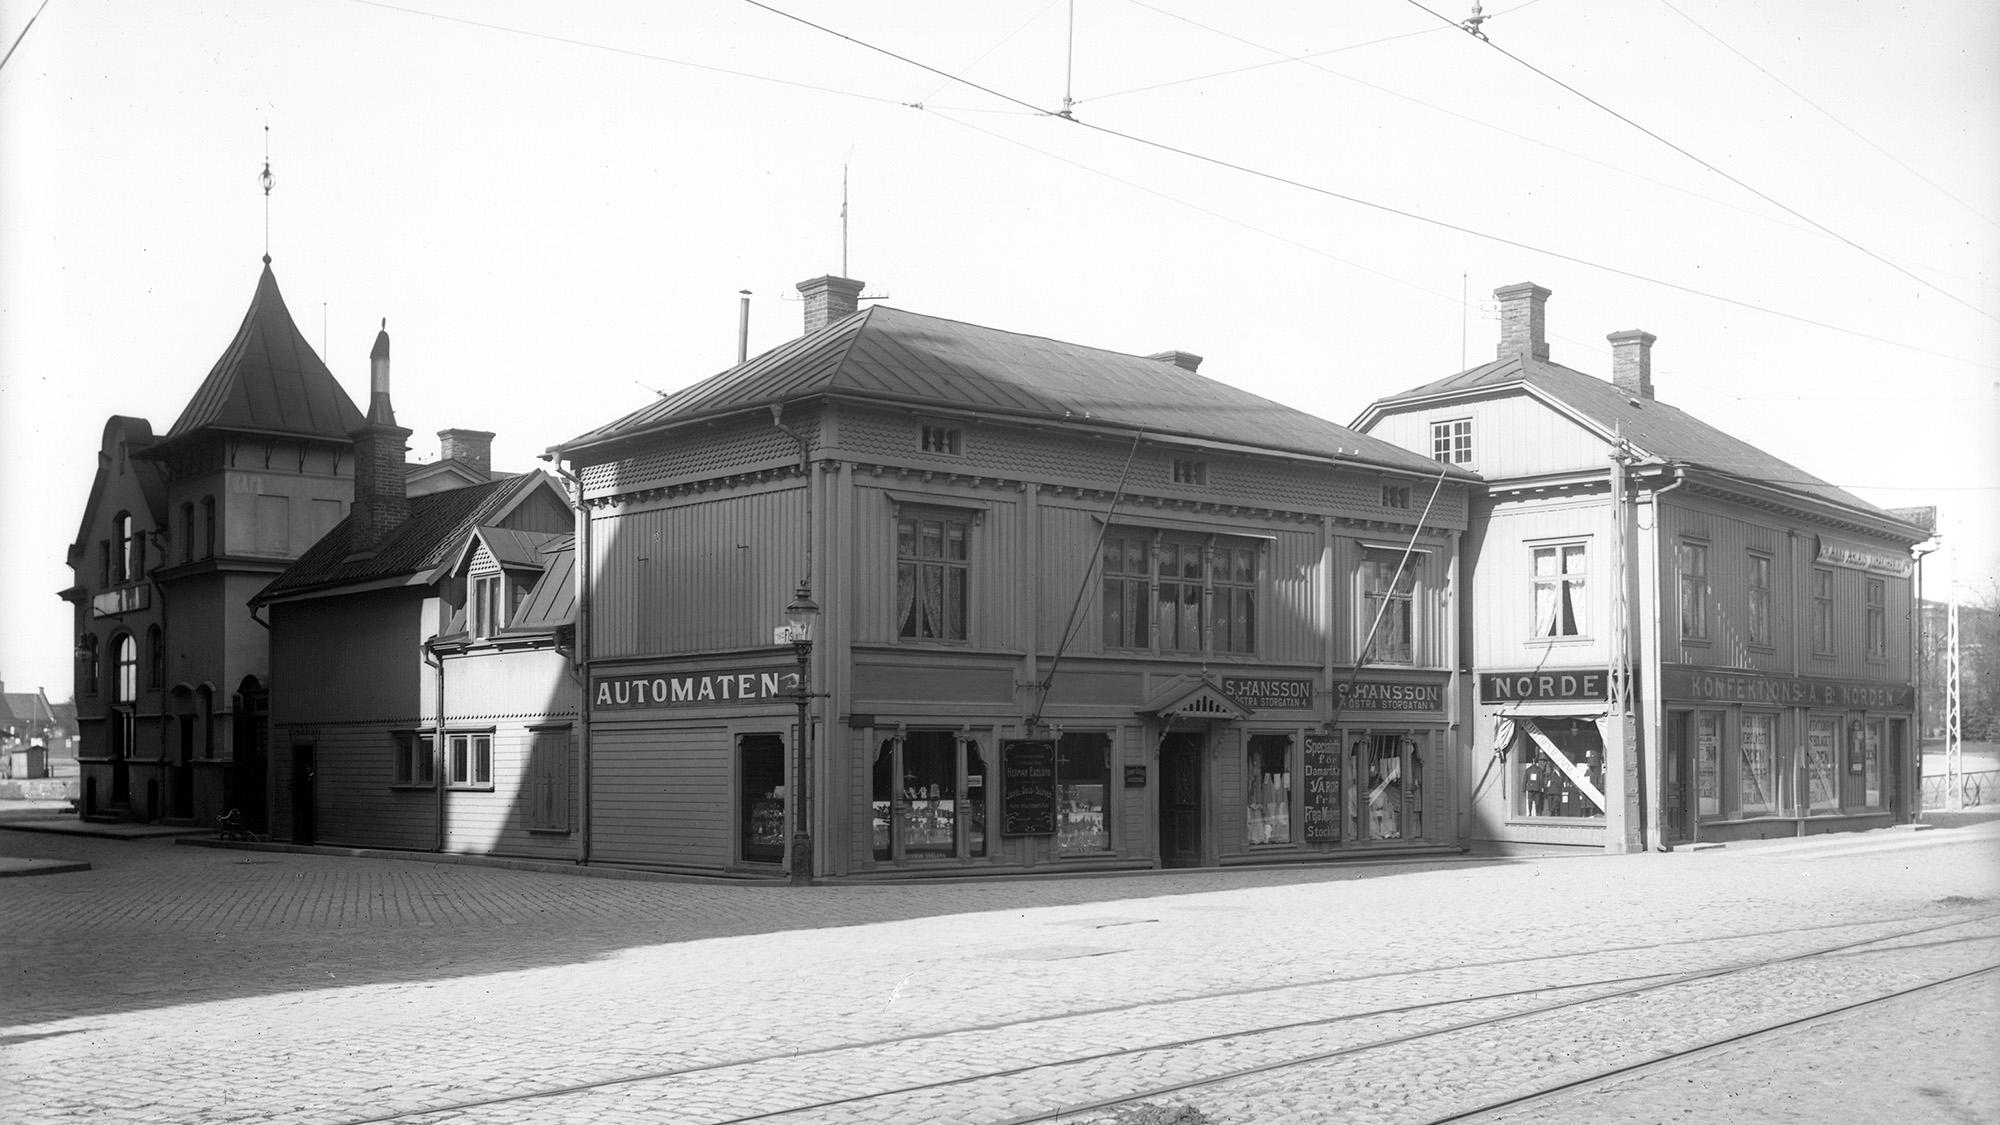 Kvarteret Arken - en svartvit arkivbild på byggnader